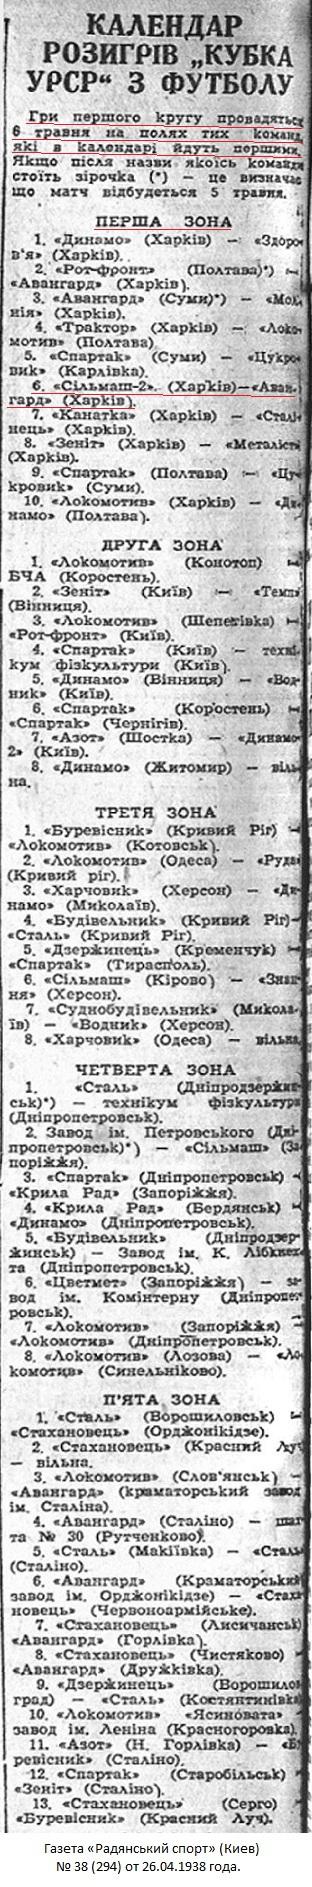 Сельмаш-2 (Харьков) - Автомотор (Харьков) 0:2